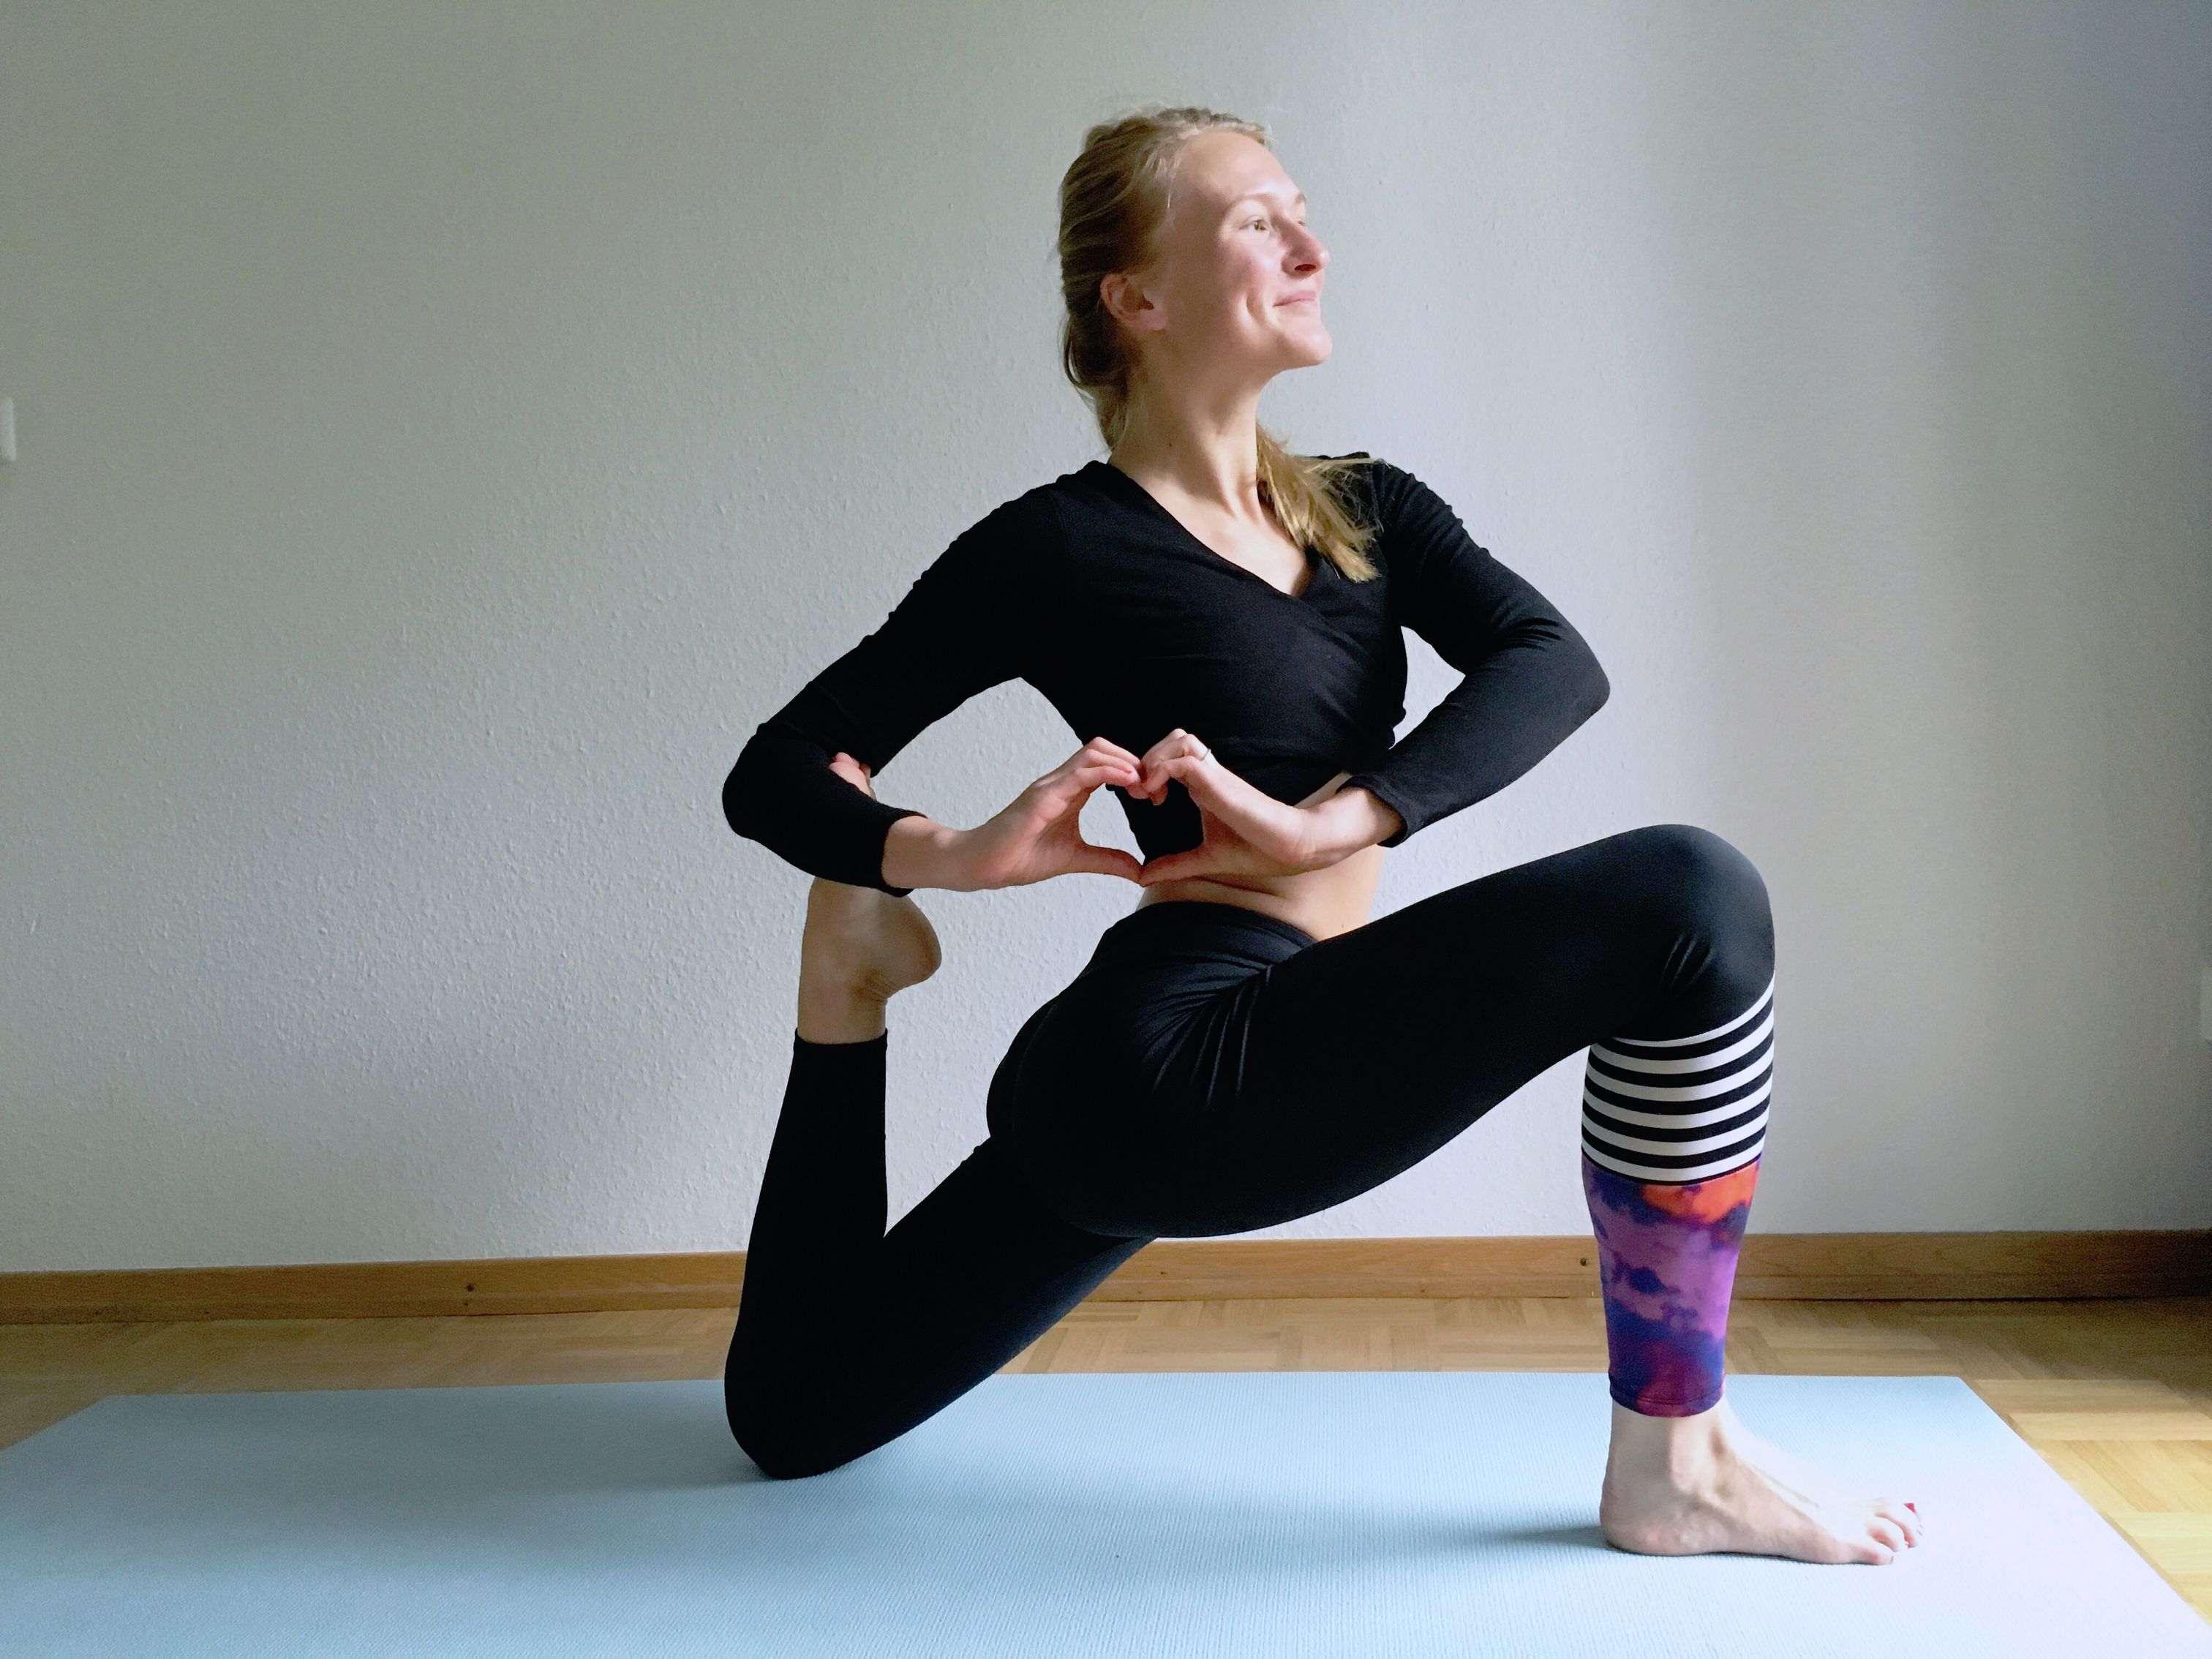 Persönliche_Entwicklung_Yoga_Liebe_Herz_Dankbarkeit_Oh_Yes_Yoga